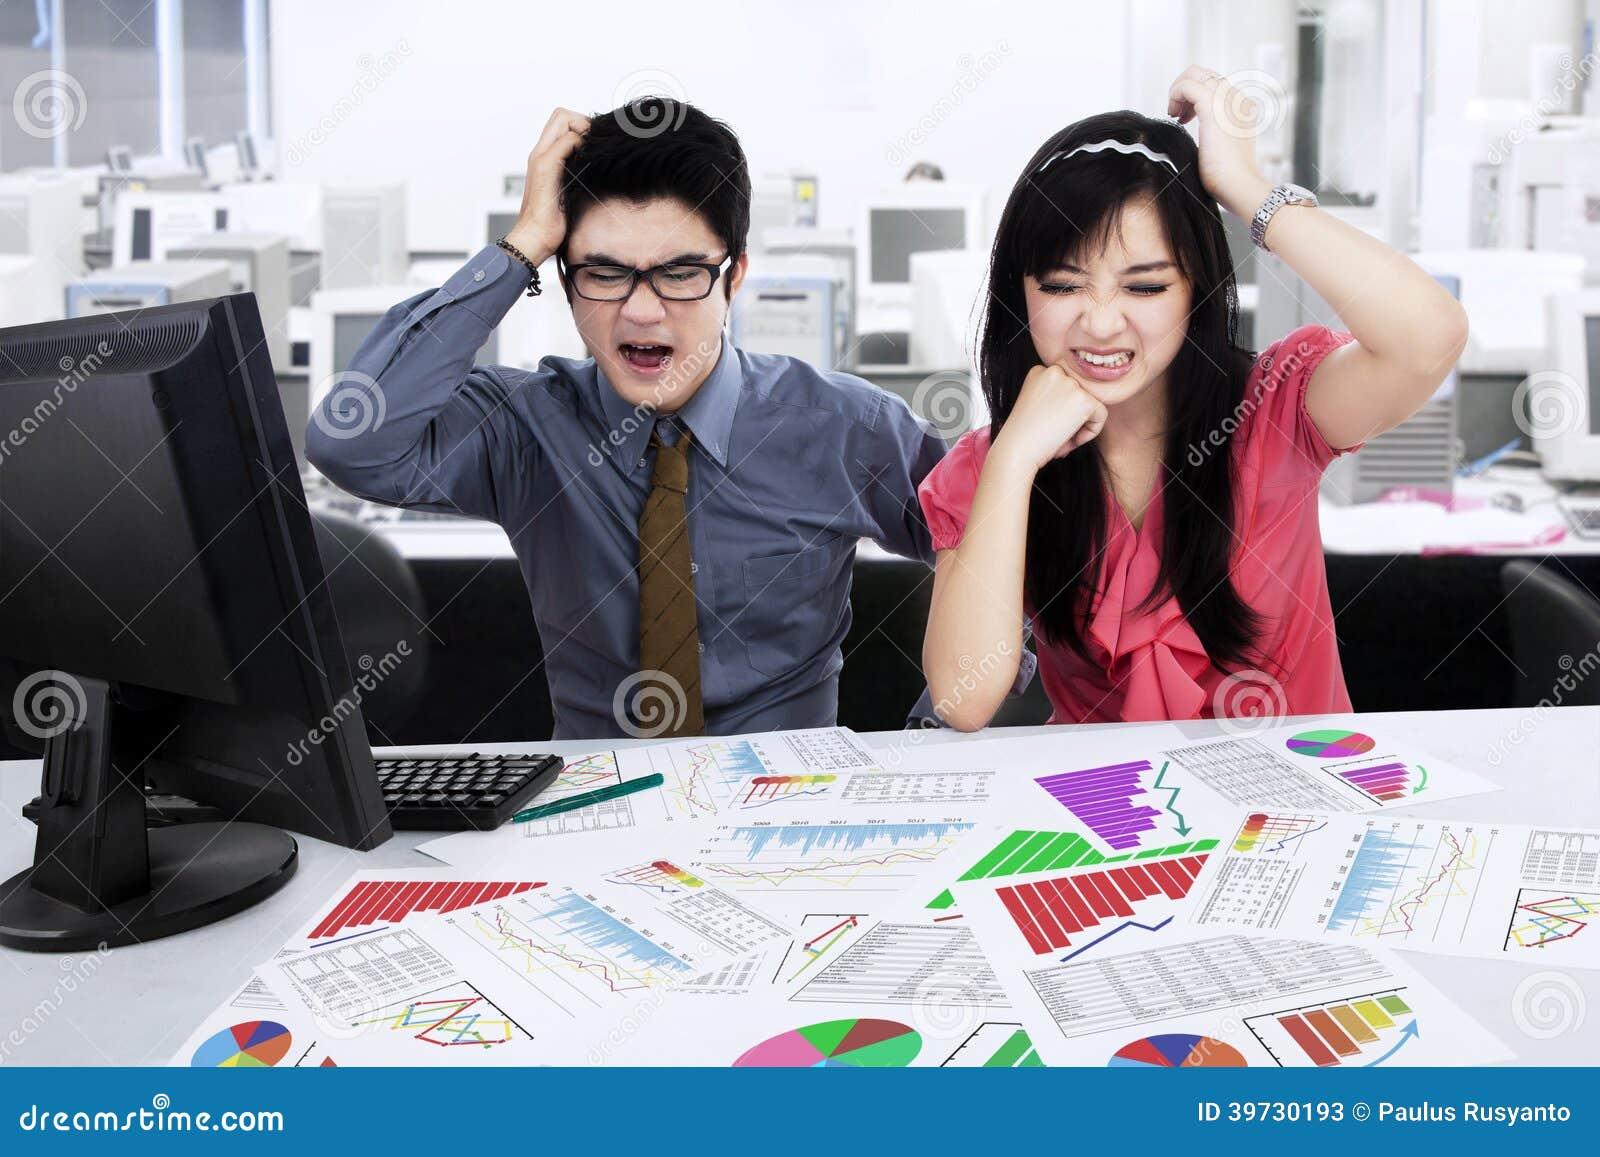 Businessteam subrayado que analiza la carta de negocio